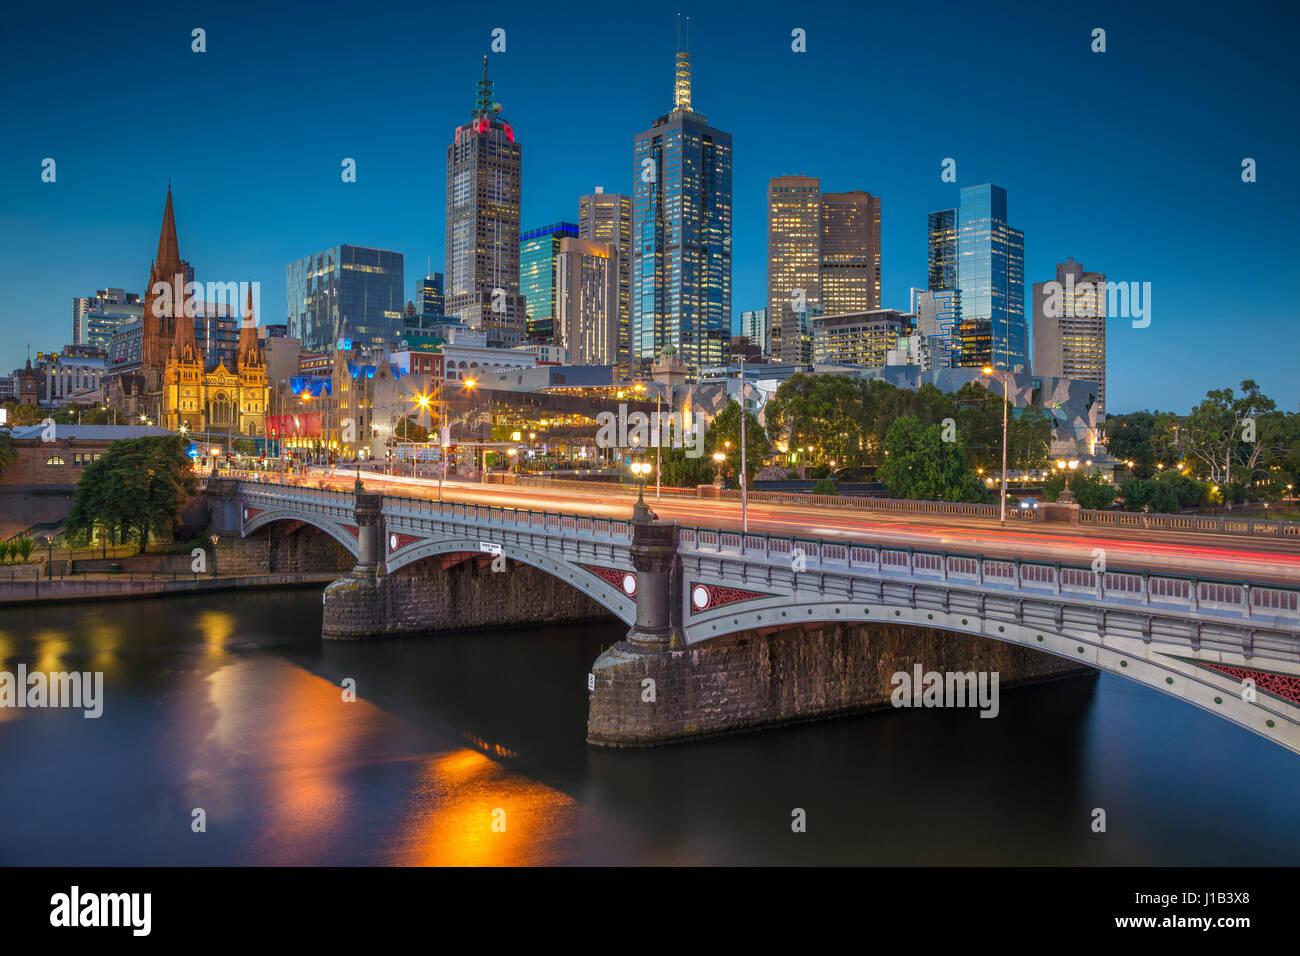 Ciudad de Melbourne. Imagen del paisaje urbano de Melbourne, Australia, durante la hora azul crepúsculo. Imagen De Stock